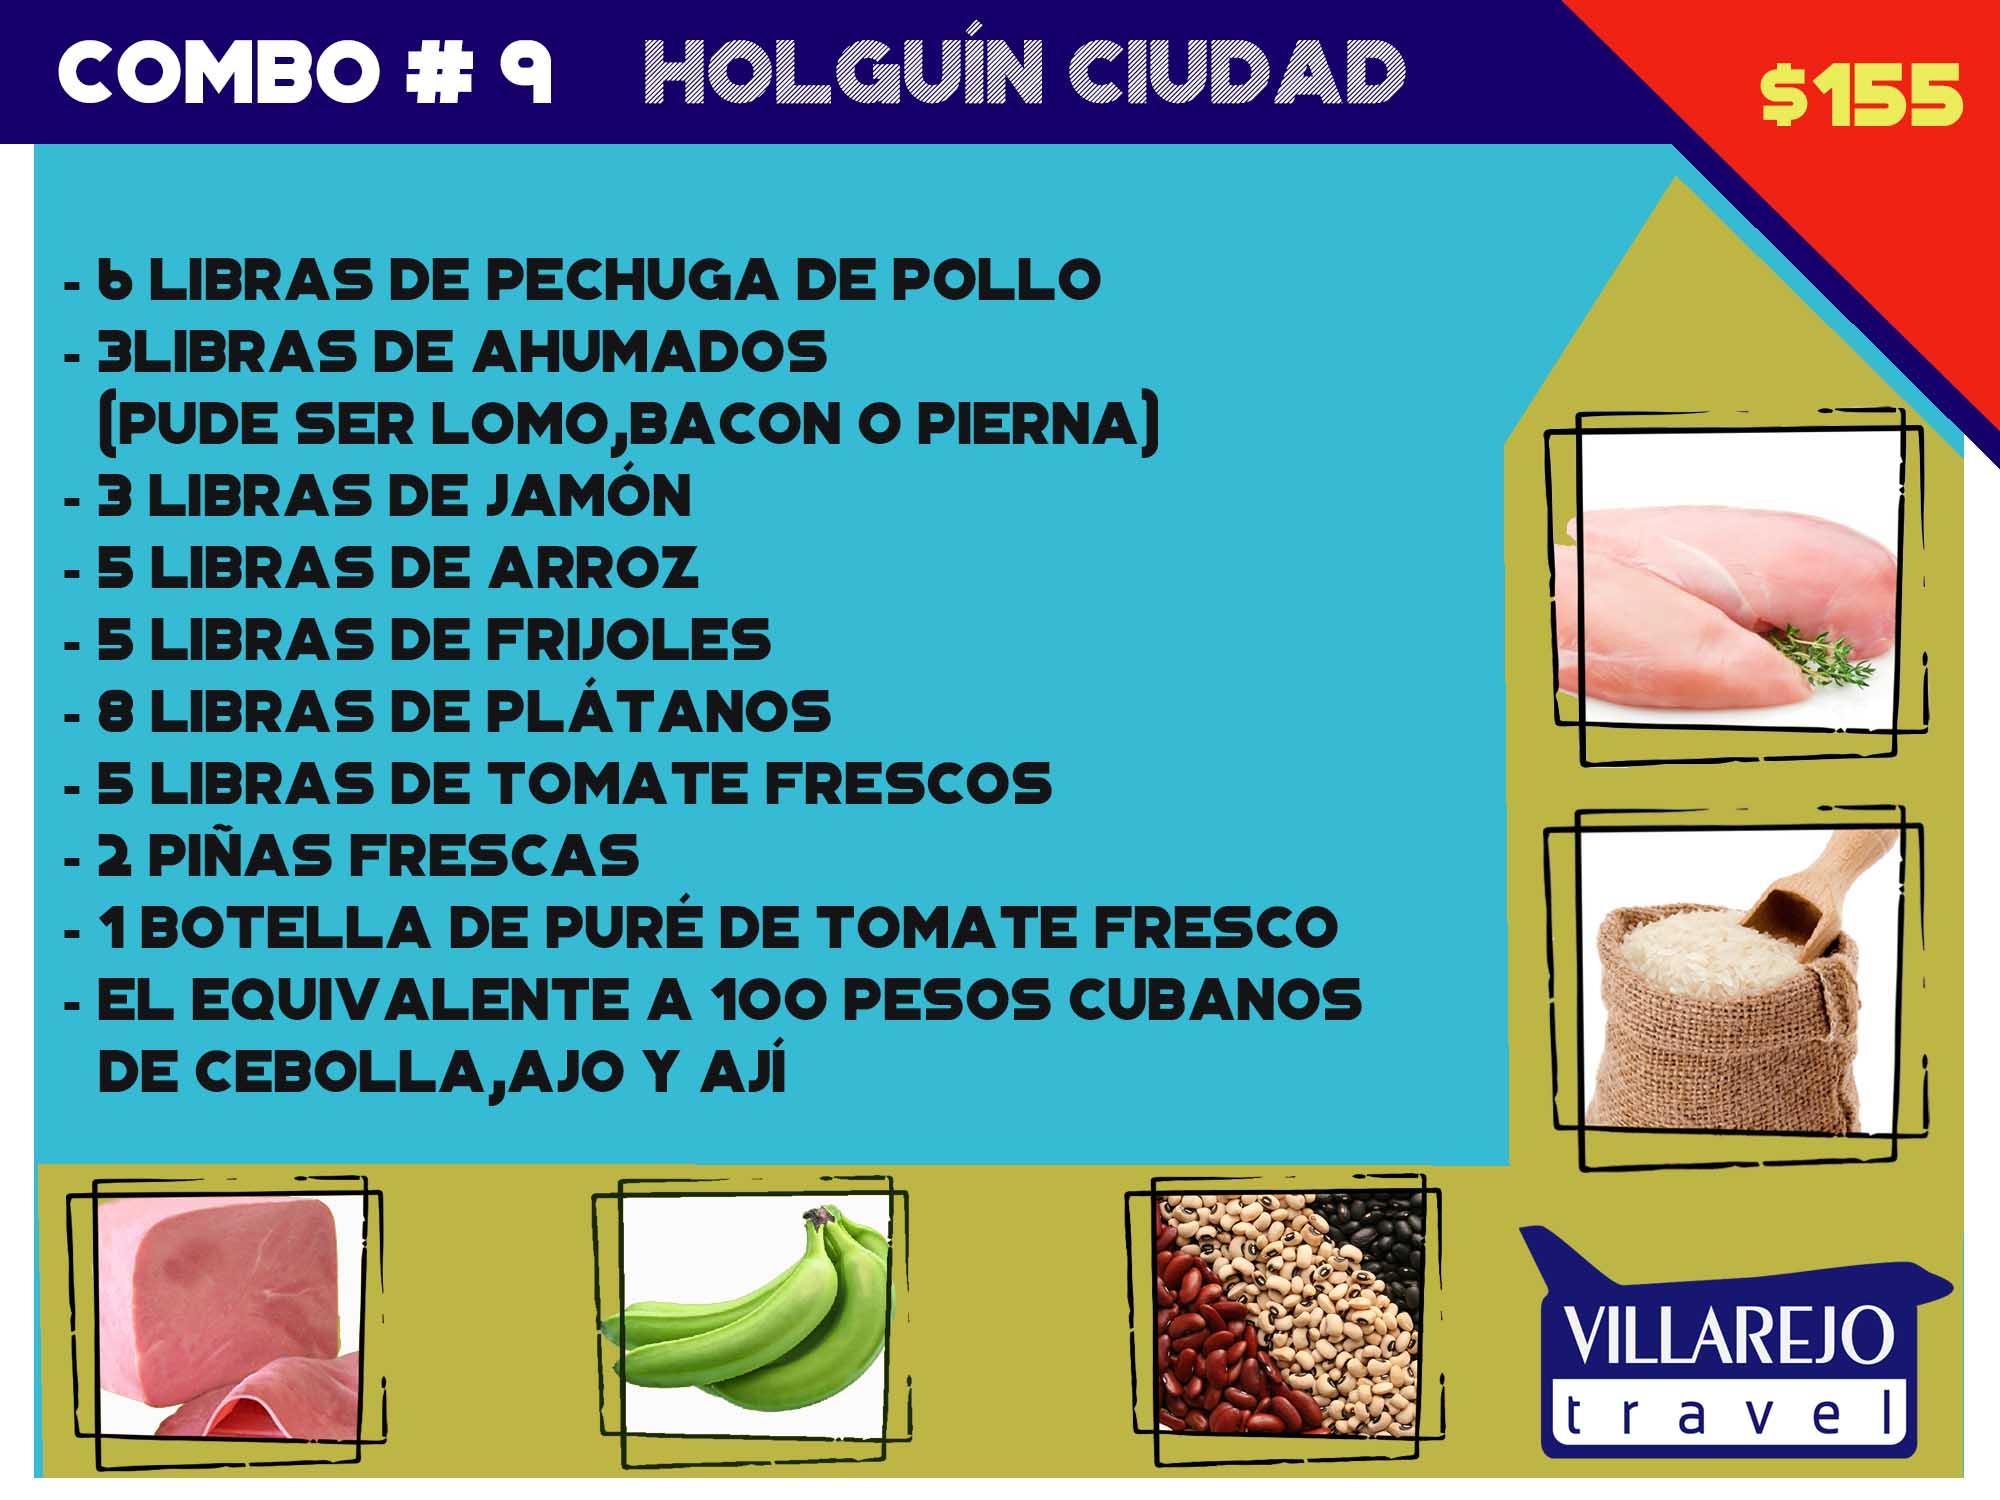 COMBO # 9 PARA HOLGUÍN CIUDAD